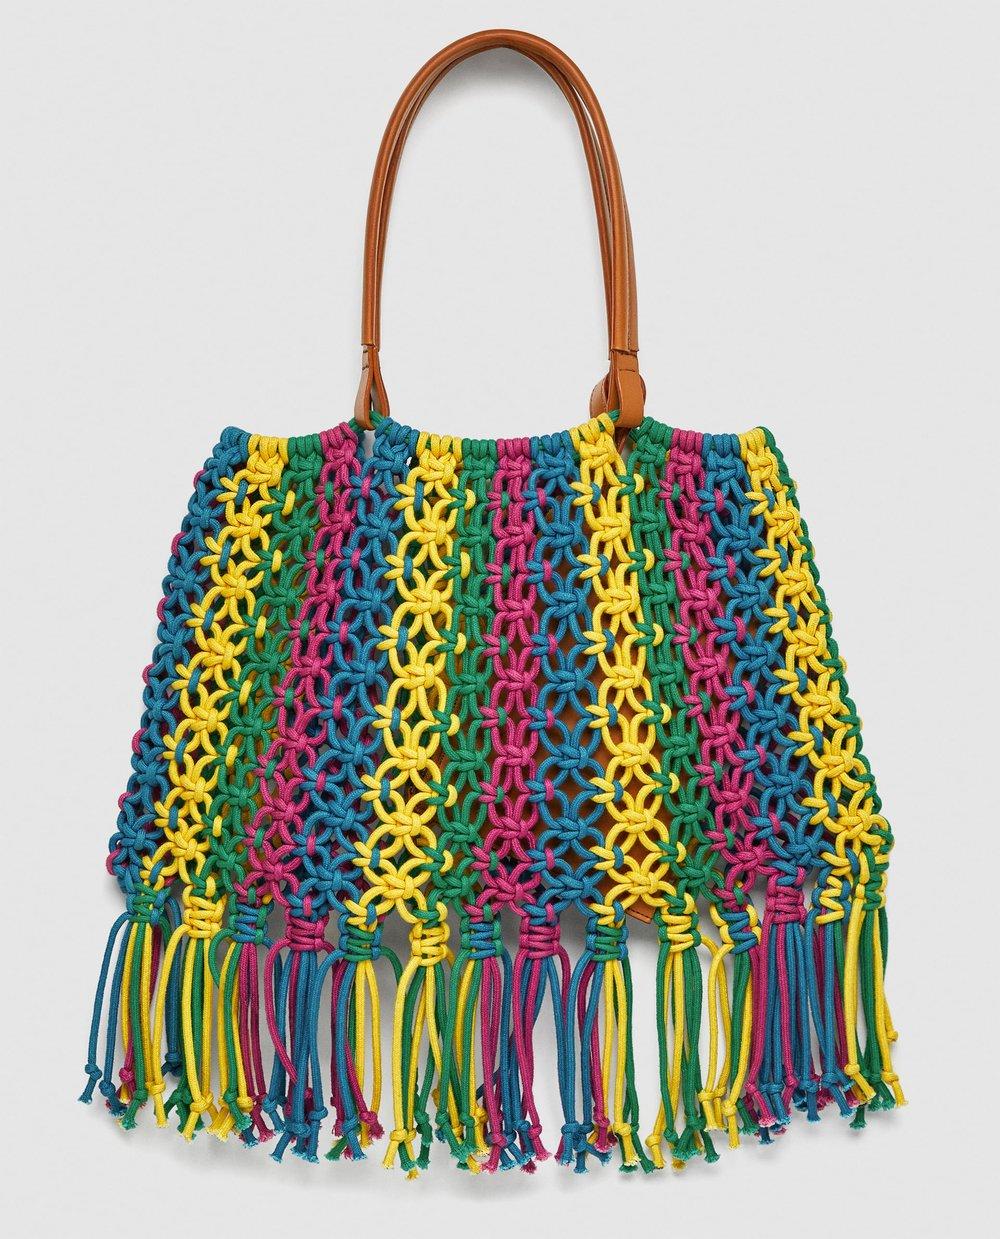 https://www.zara.com/ca/en/multicolored-braided-bucket-bag-p11070304.html?v1=5699507&v2=968875